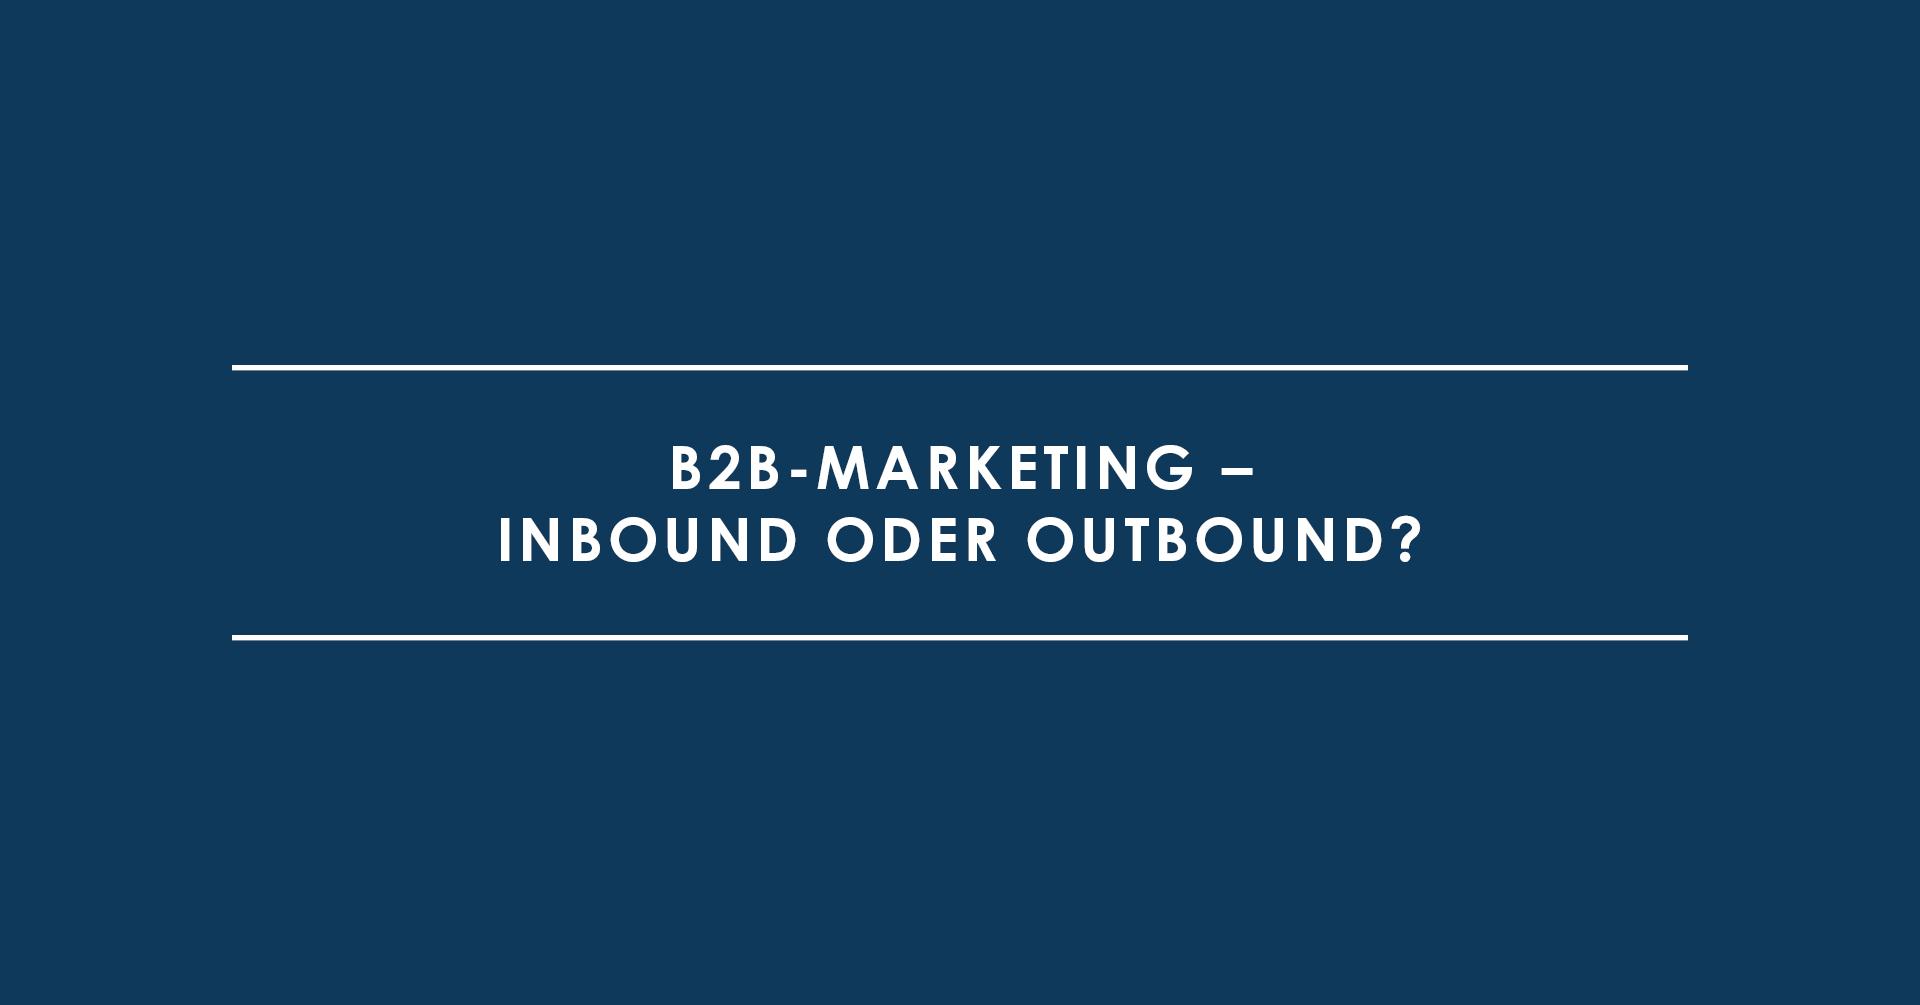 B2B-Marketing – Inbound oder Outbound?